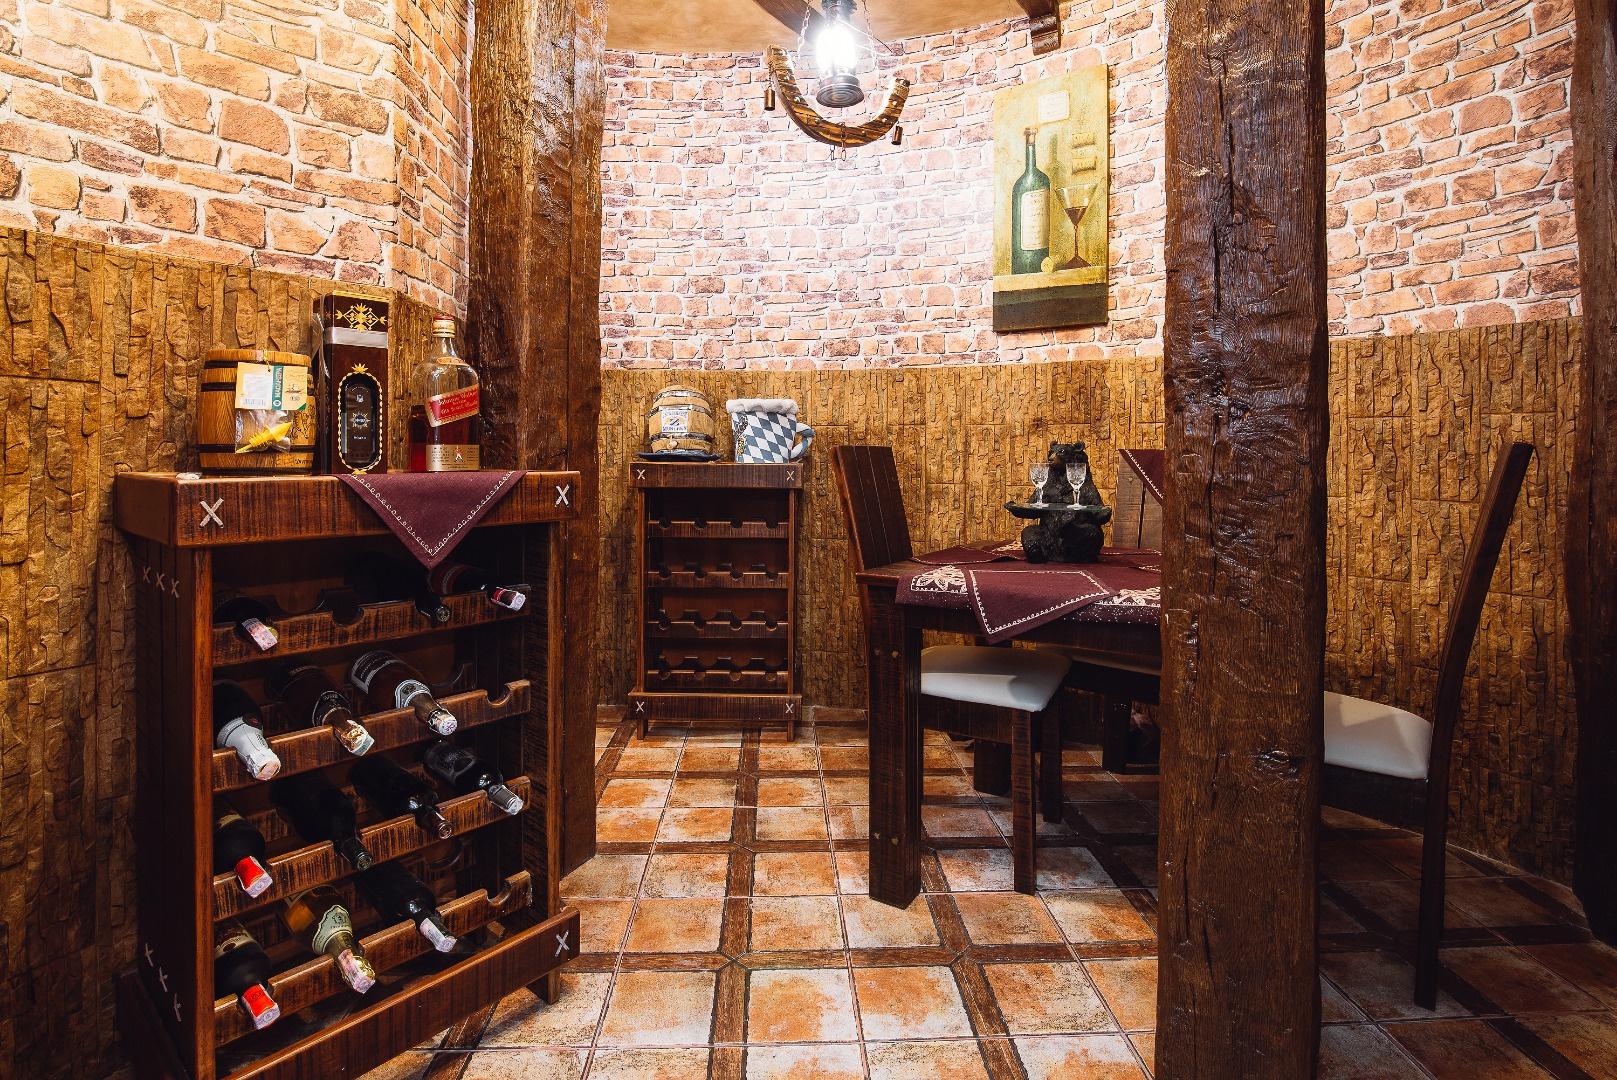 Продается Дом на ул. Аркадиевский Пер. — 1 500 000 у.е. (фото №25)